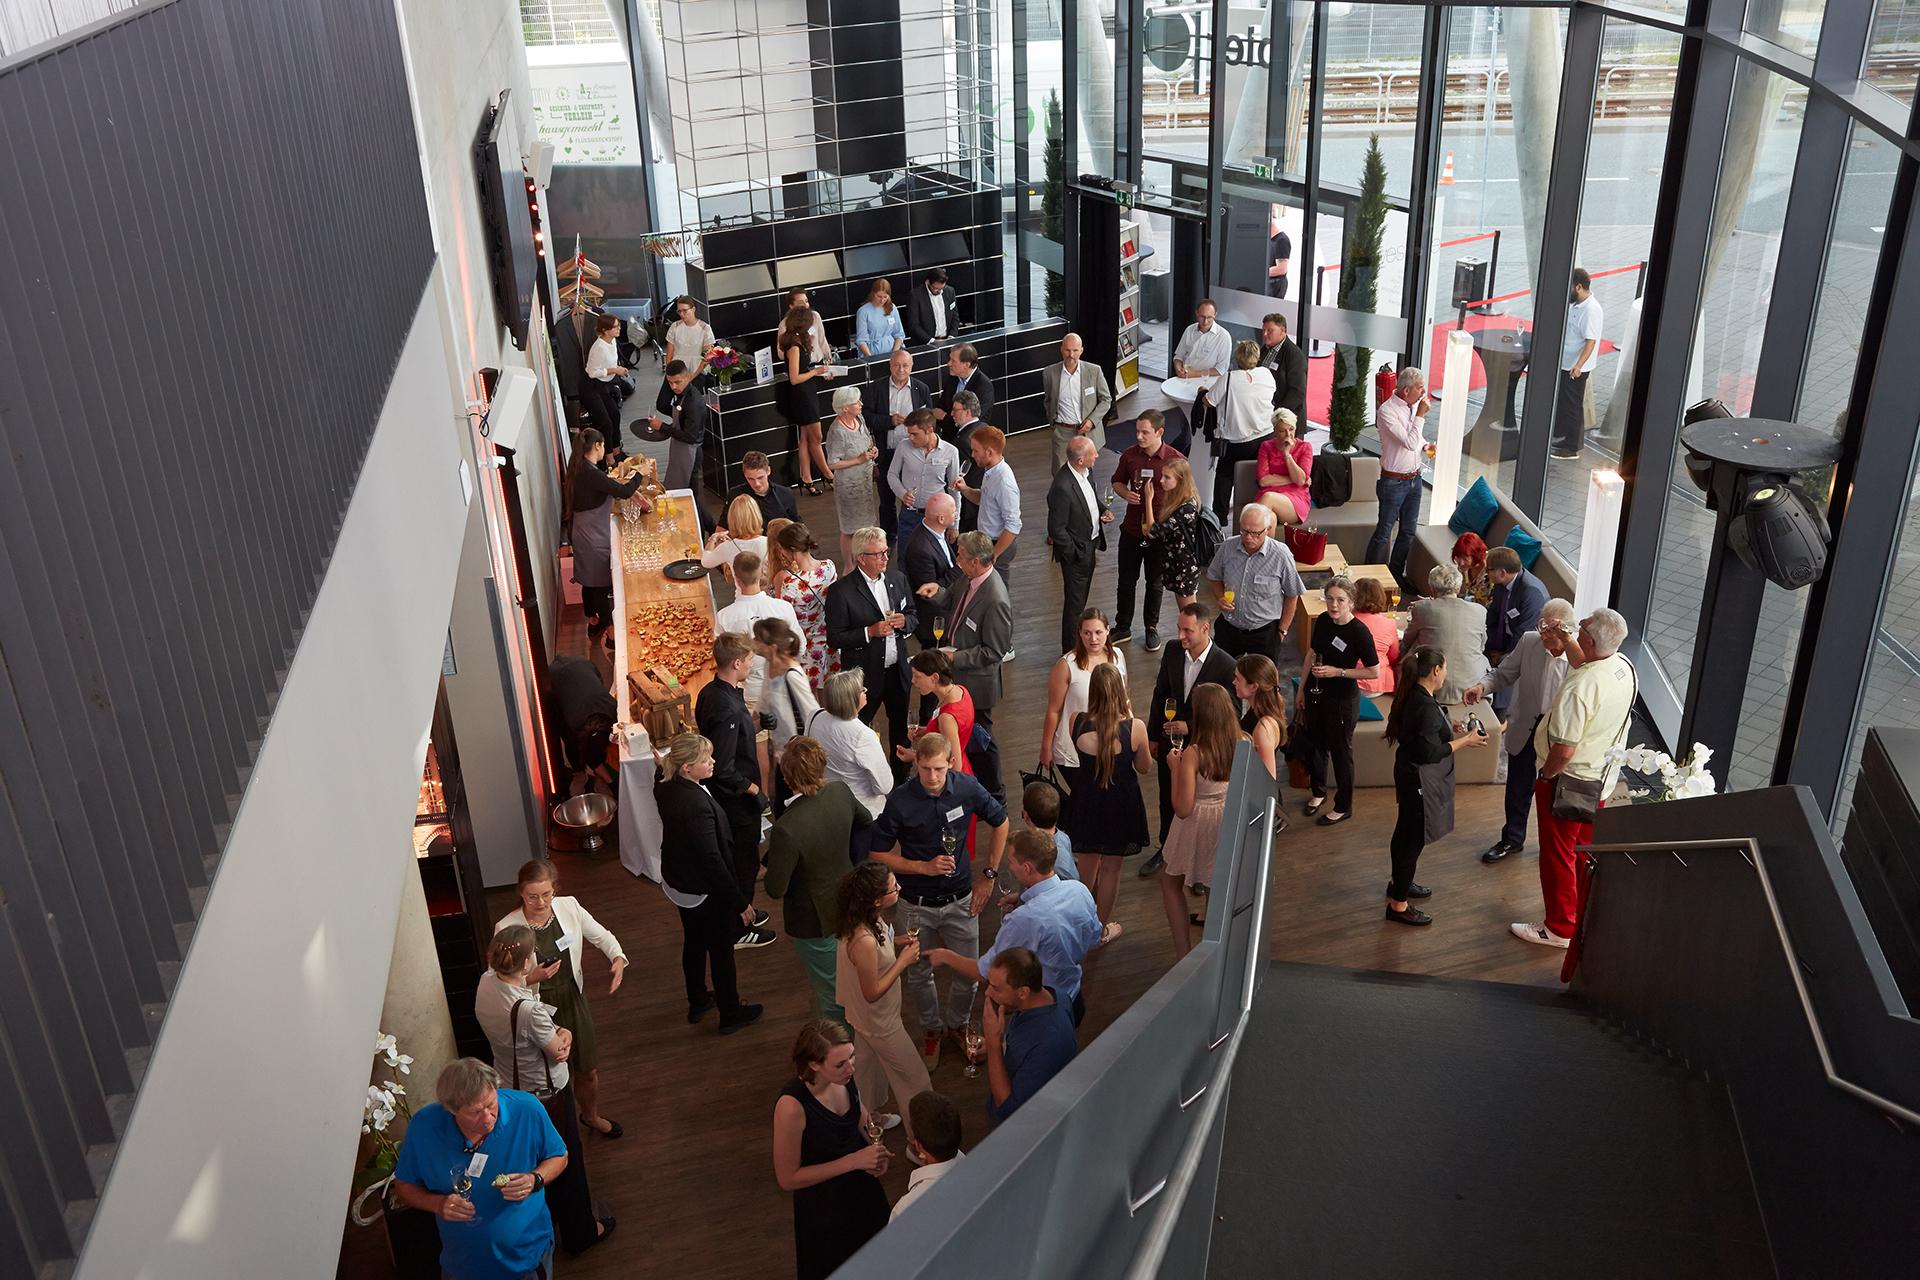 Man sieht eine größere Menschenmenge, die bei der Verleihung des Deutschen Weingutpreises stehen und sich unterhalten.